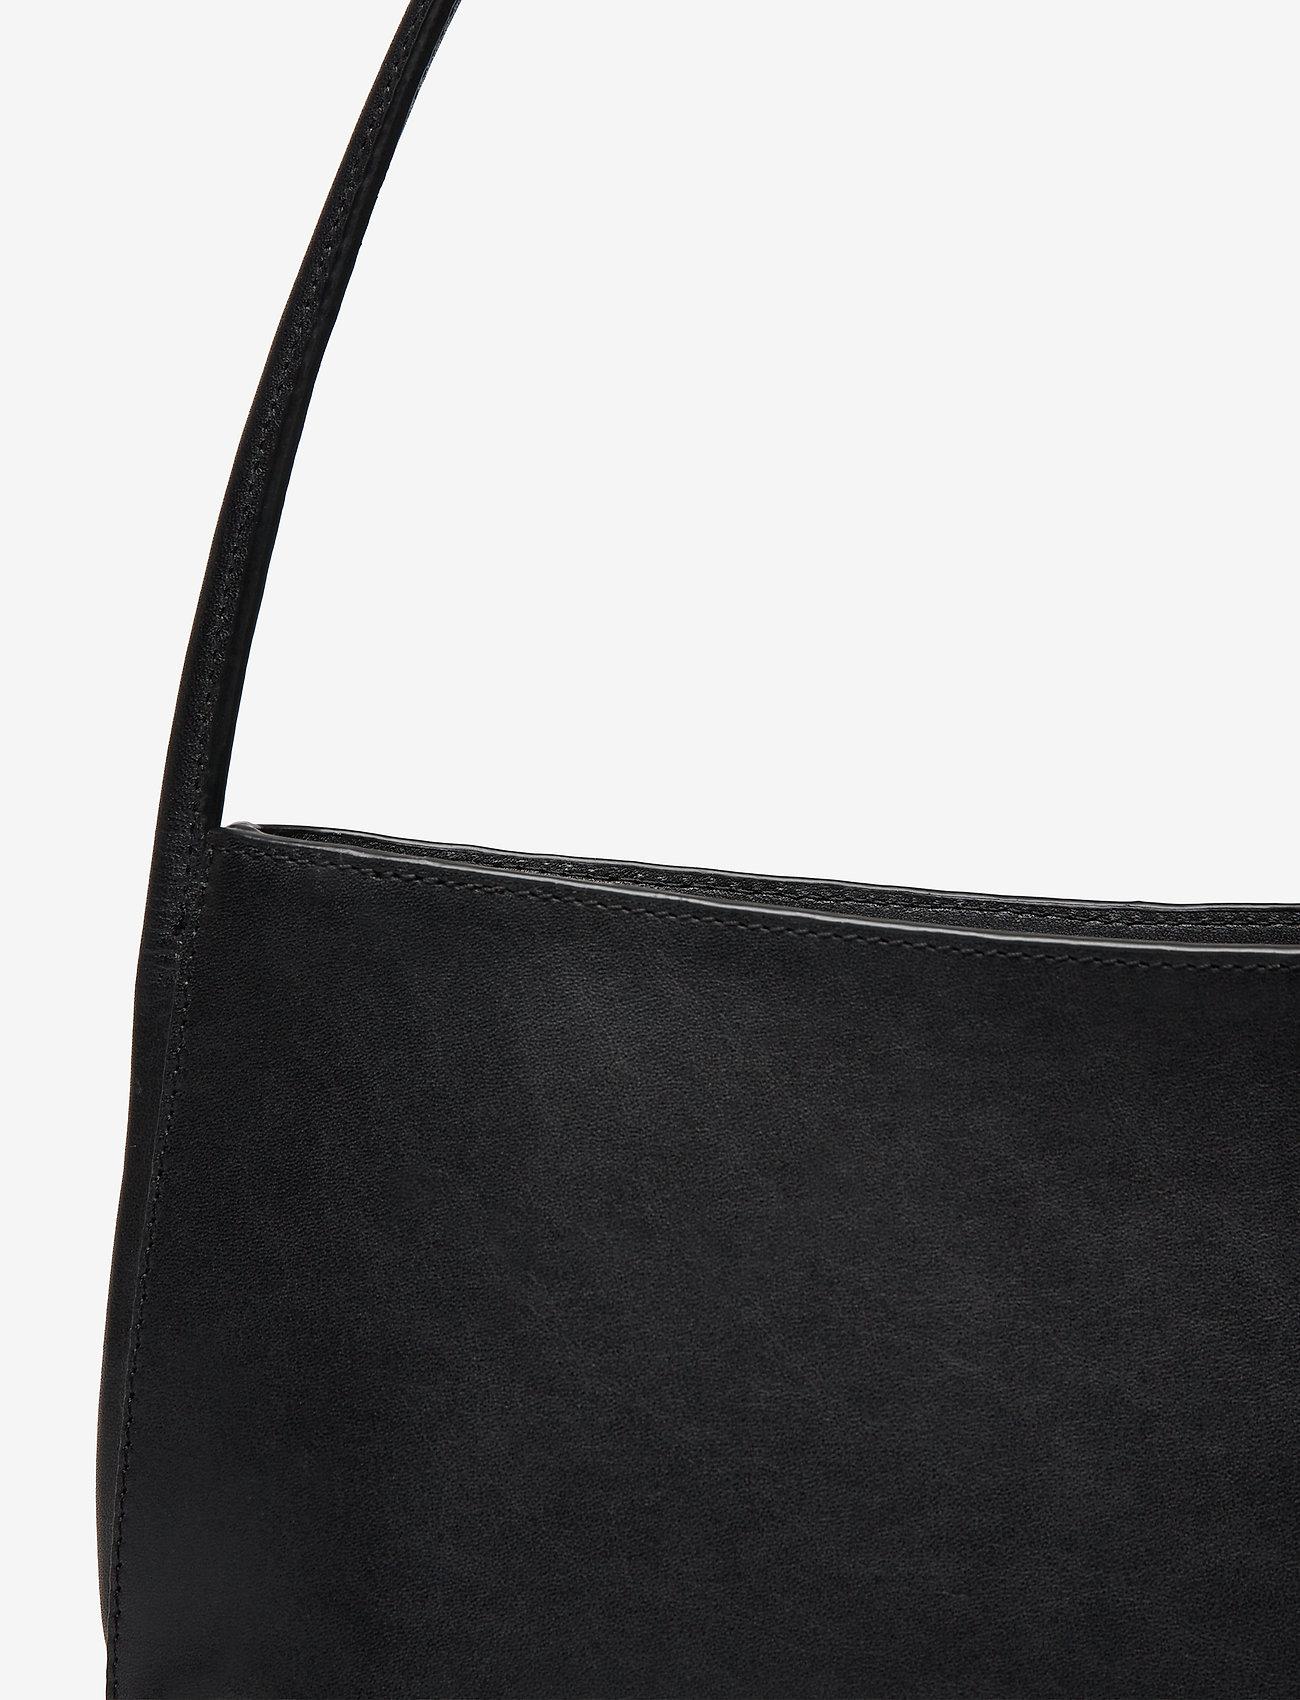 VAGABOND - VERONA - väskor - black - 3